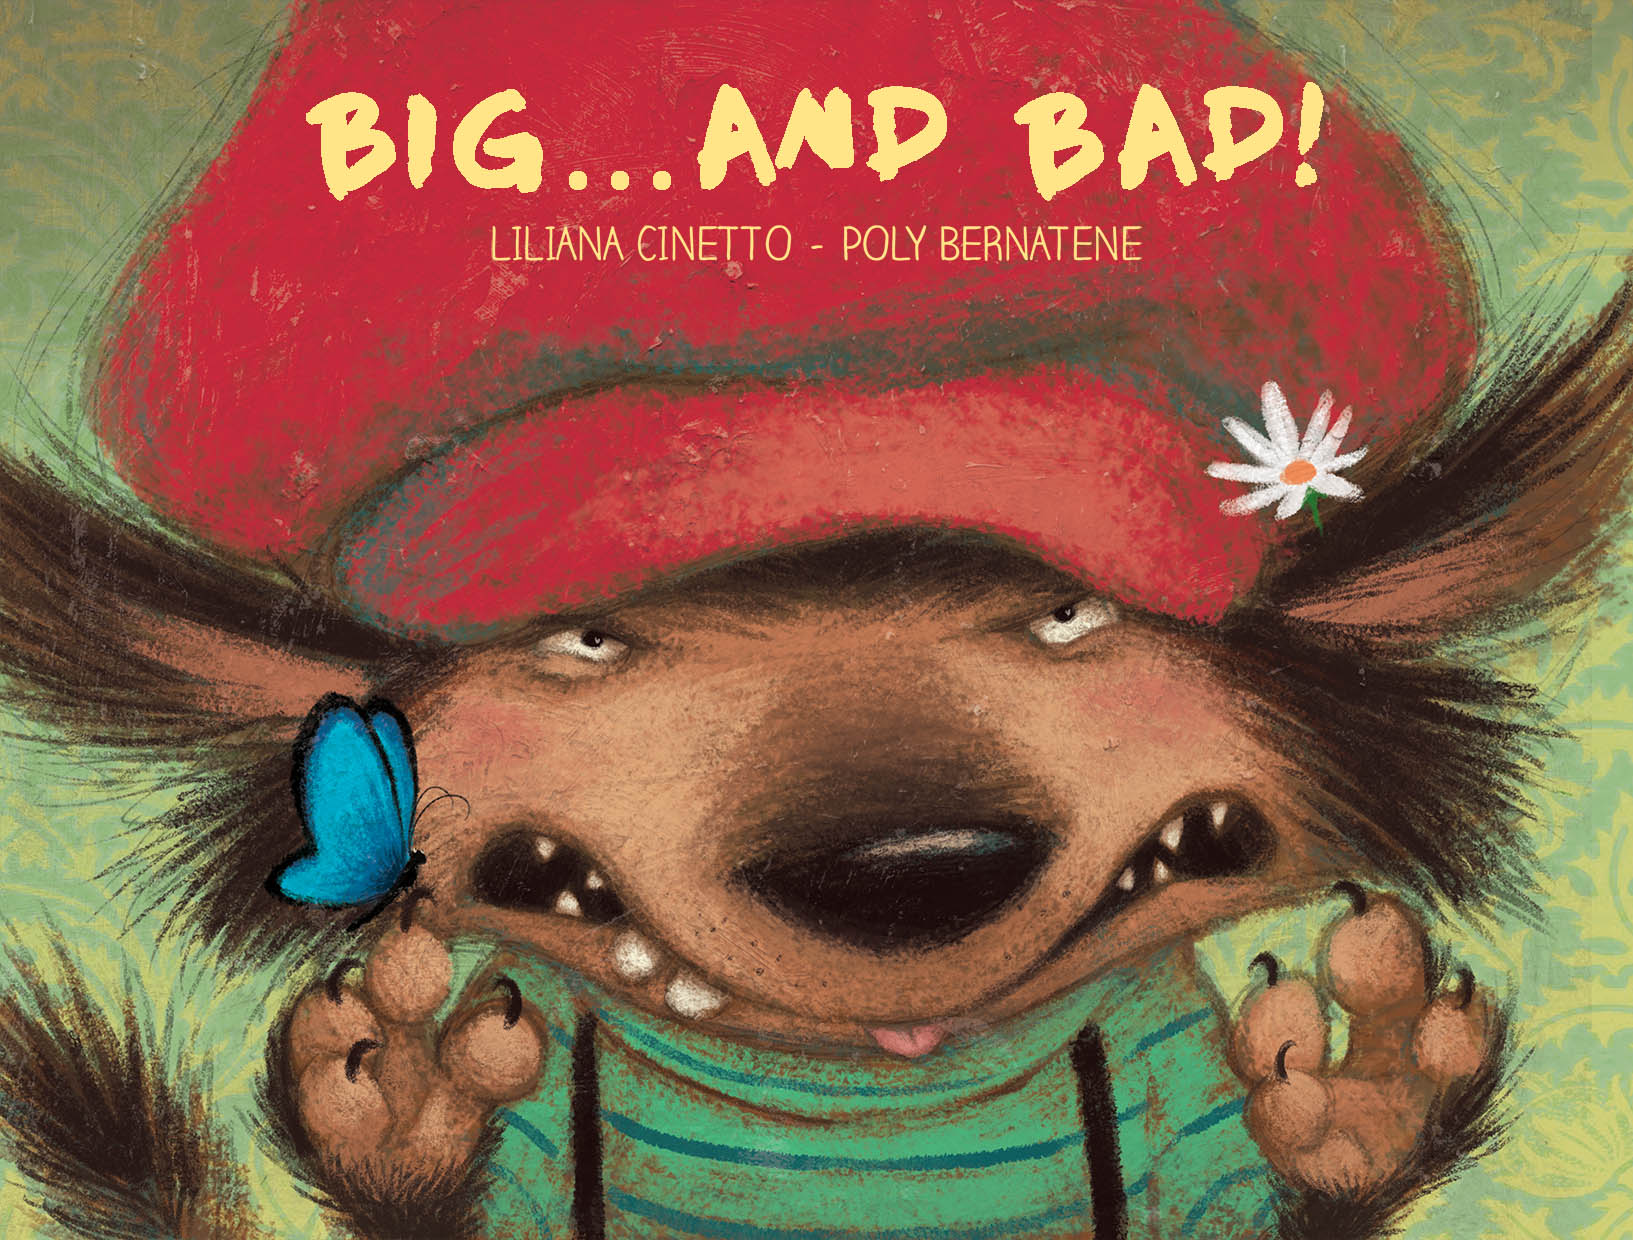 Big...and bad!